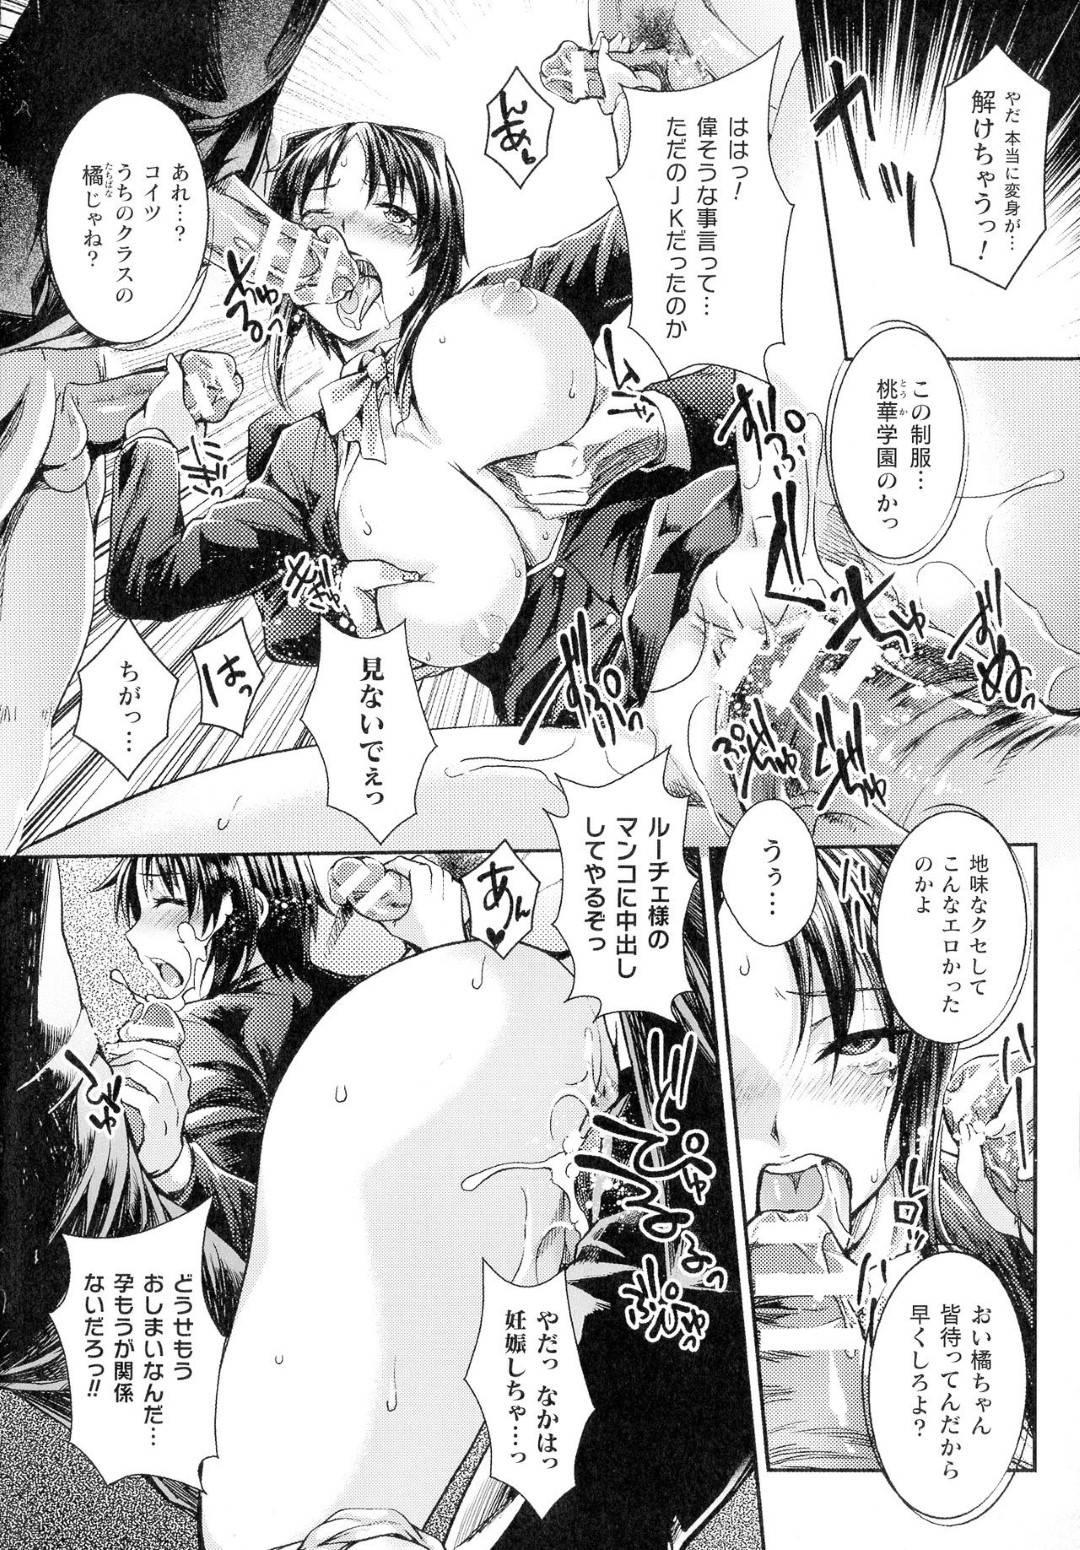 【輪姦レイプエロ漫画】魔法少女のルーチェは罠にハマり触手に陵辱を受け、その姿に欲情した生徒たちに二穴輪姦中出しセックスされてしまう【ジンナイ】